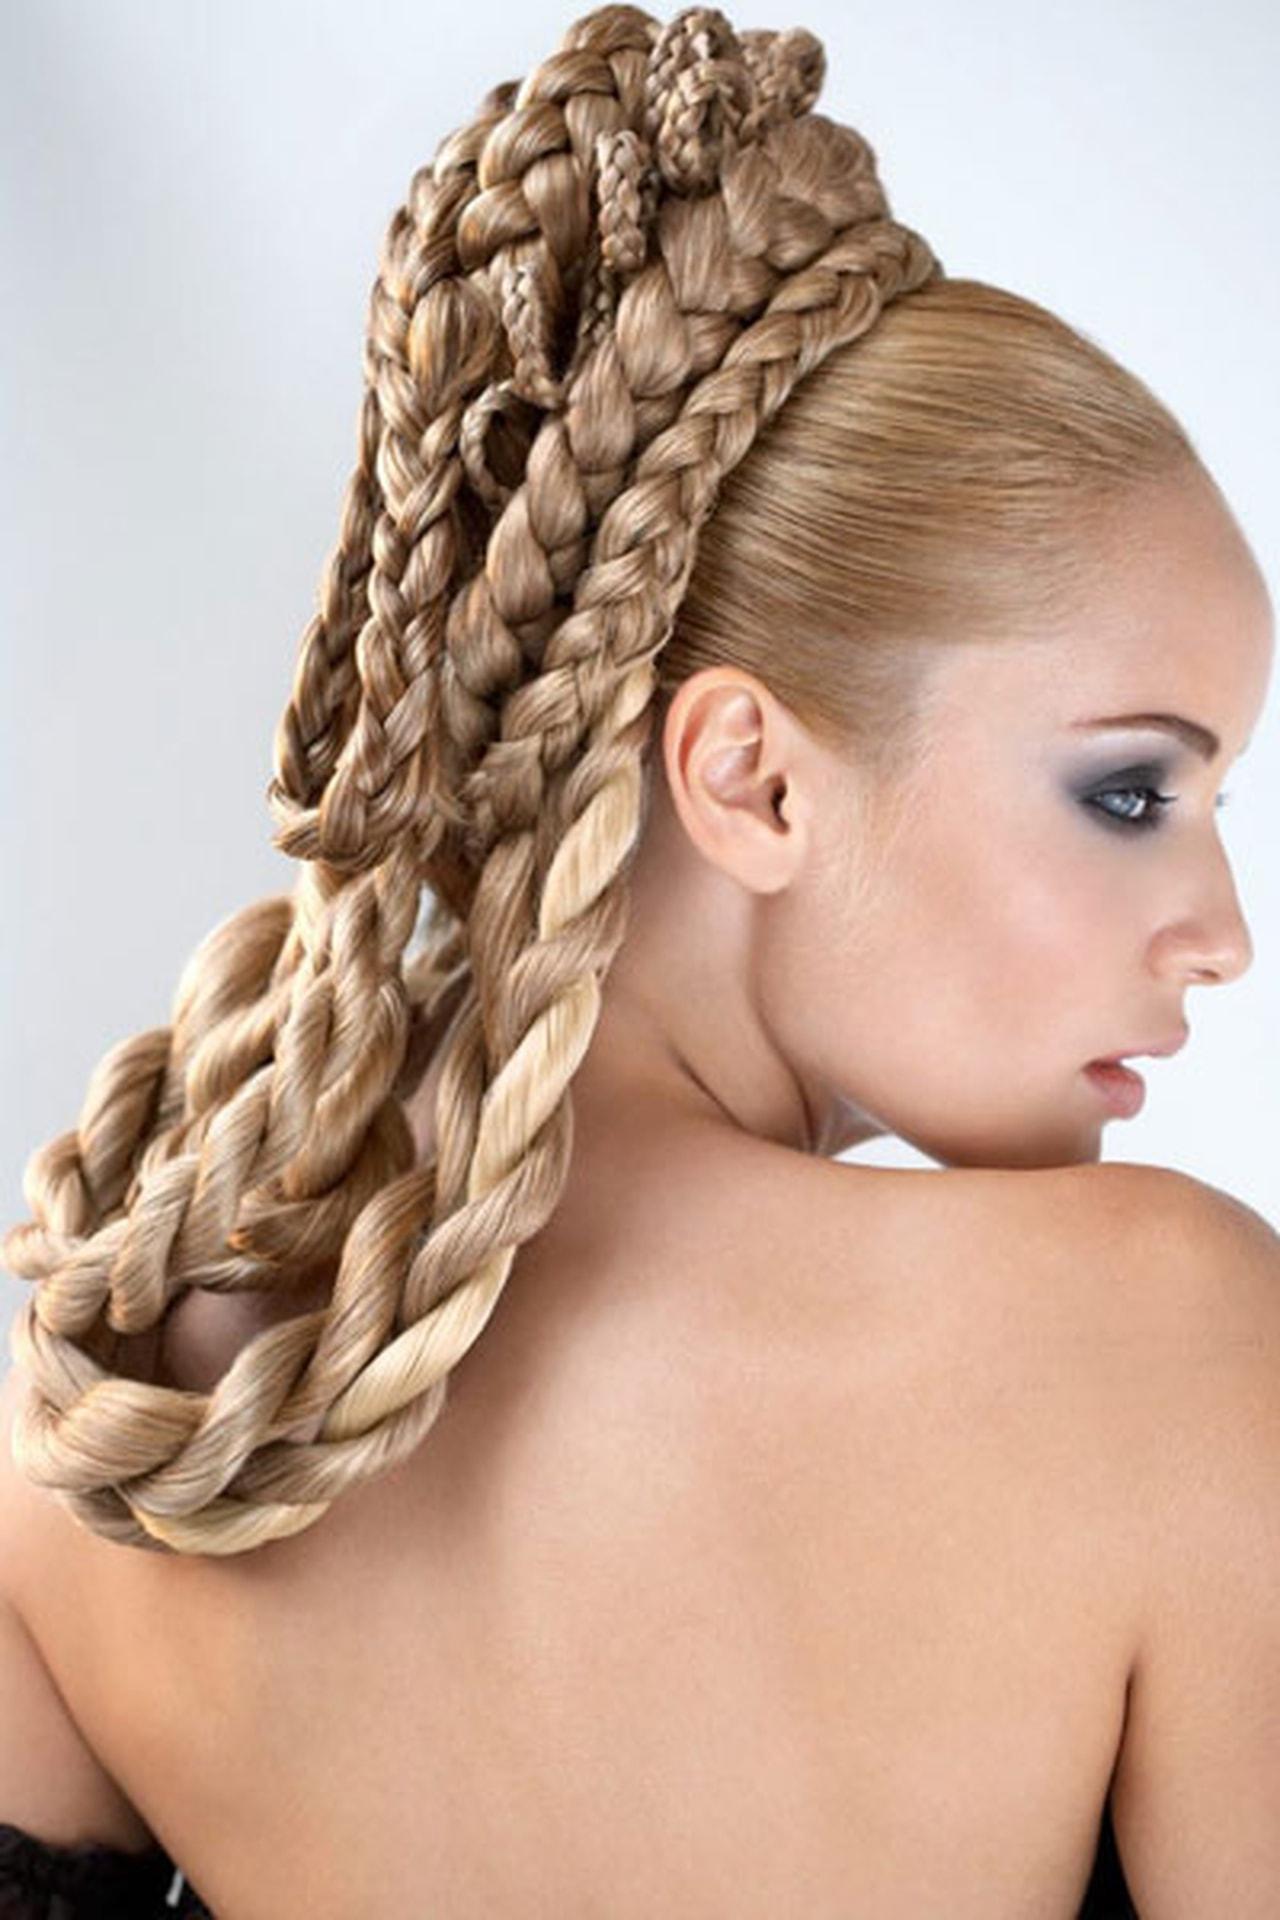 بالصور اجمل تسريحة شعر في العالم , صور اجمل التسريحات عالميه 3495 3